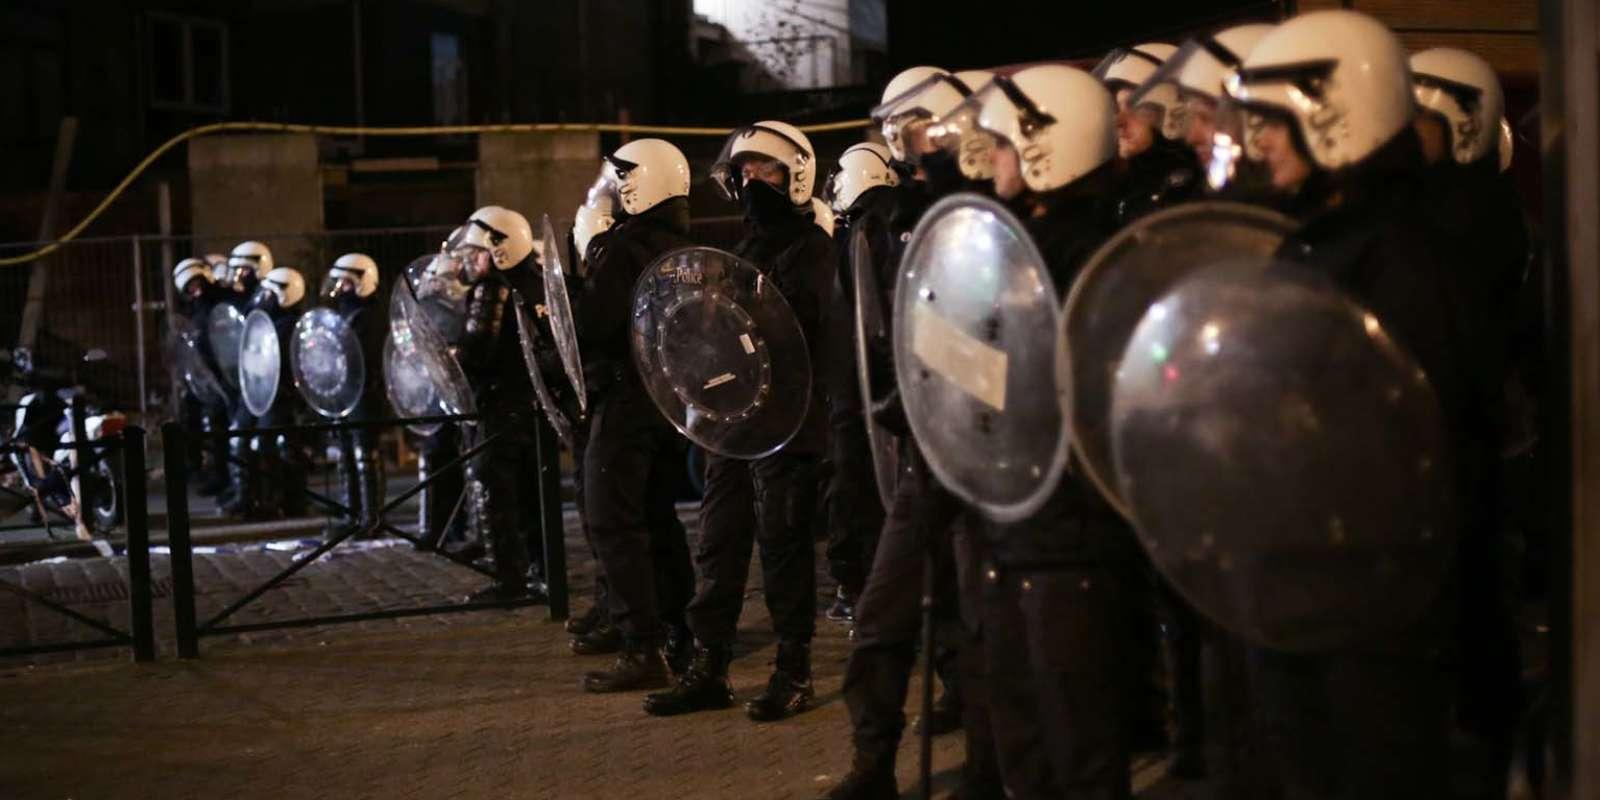 Place Oisiers (Molenbeek), les habitants du quartier de la rue des Quatre-Vents où a eu lieu l'arrestation de Salah Abdeslam attendent de rentrer chez eux.